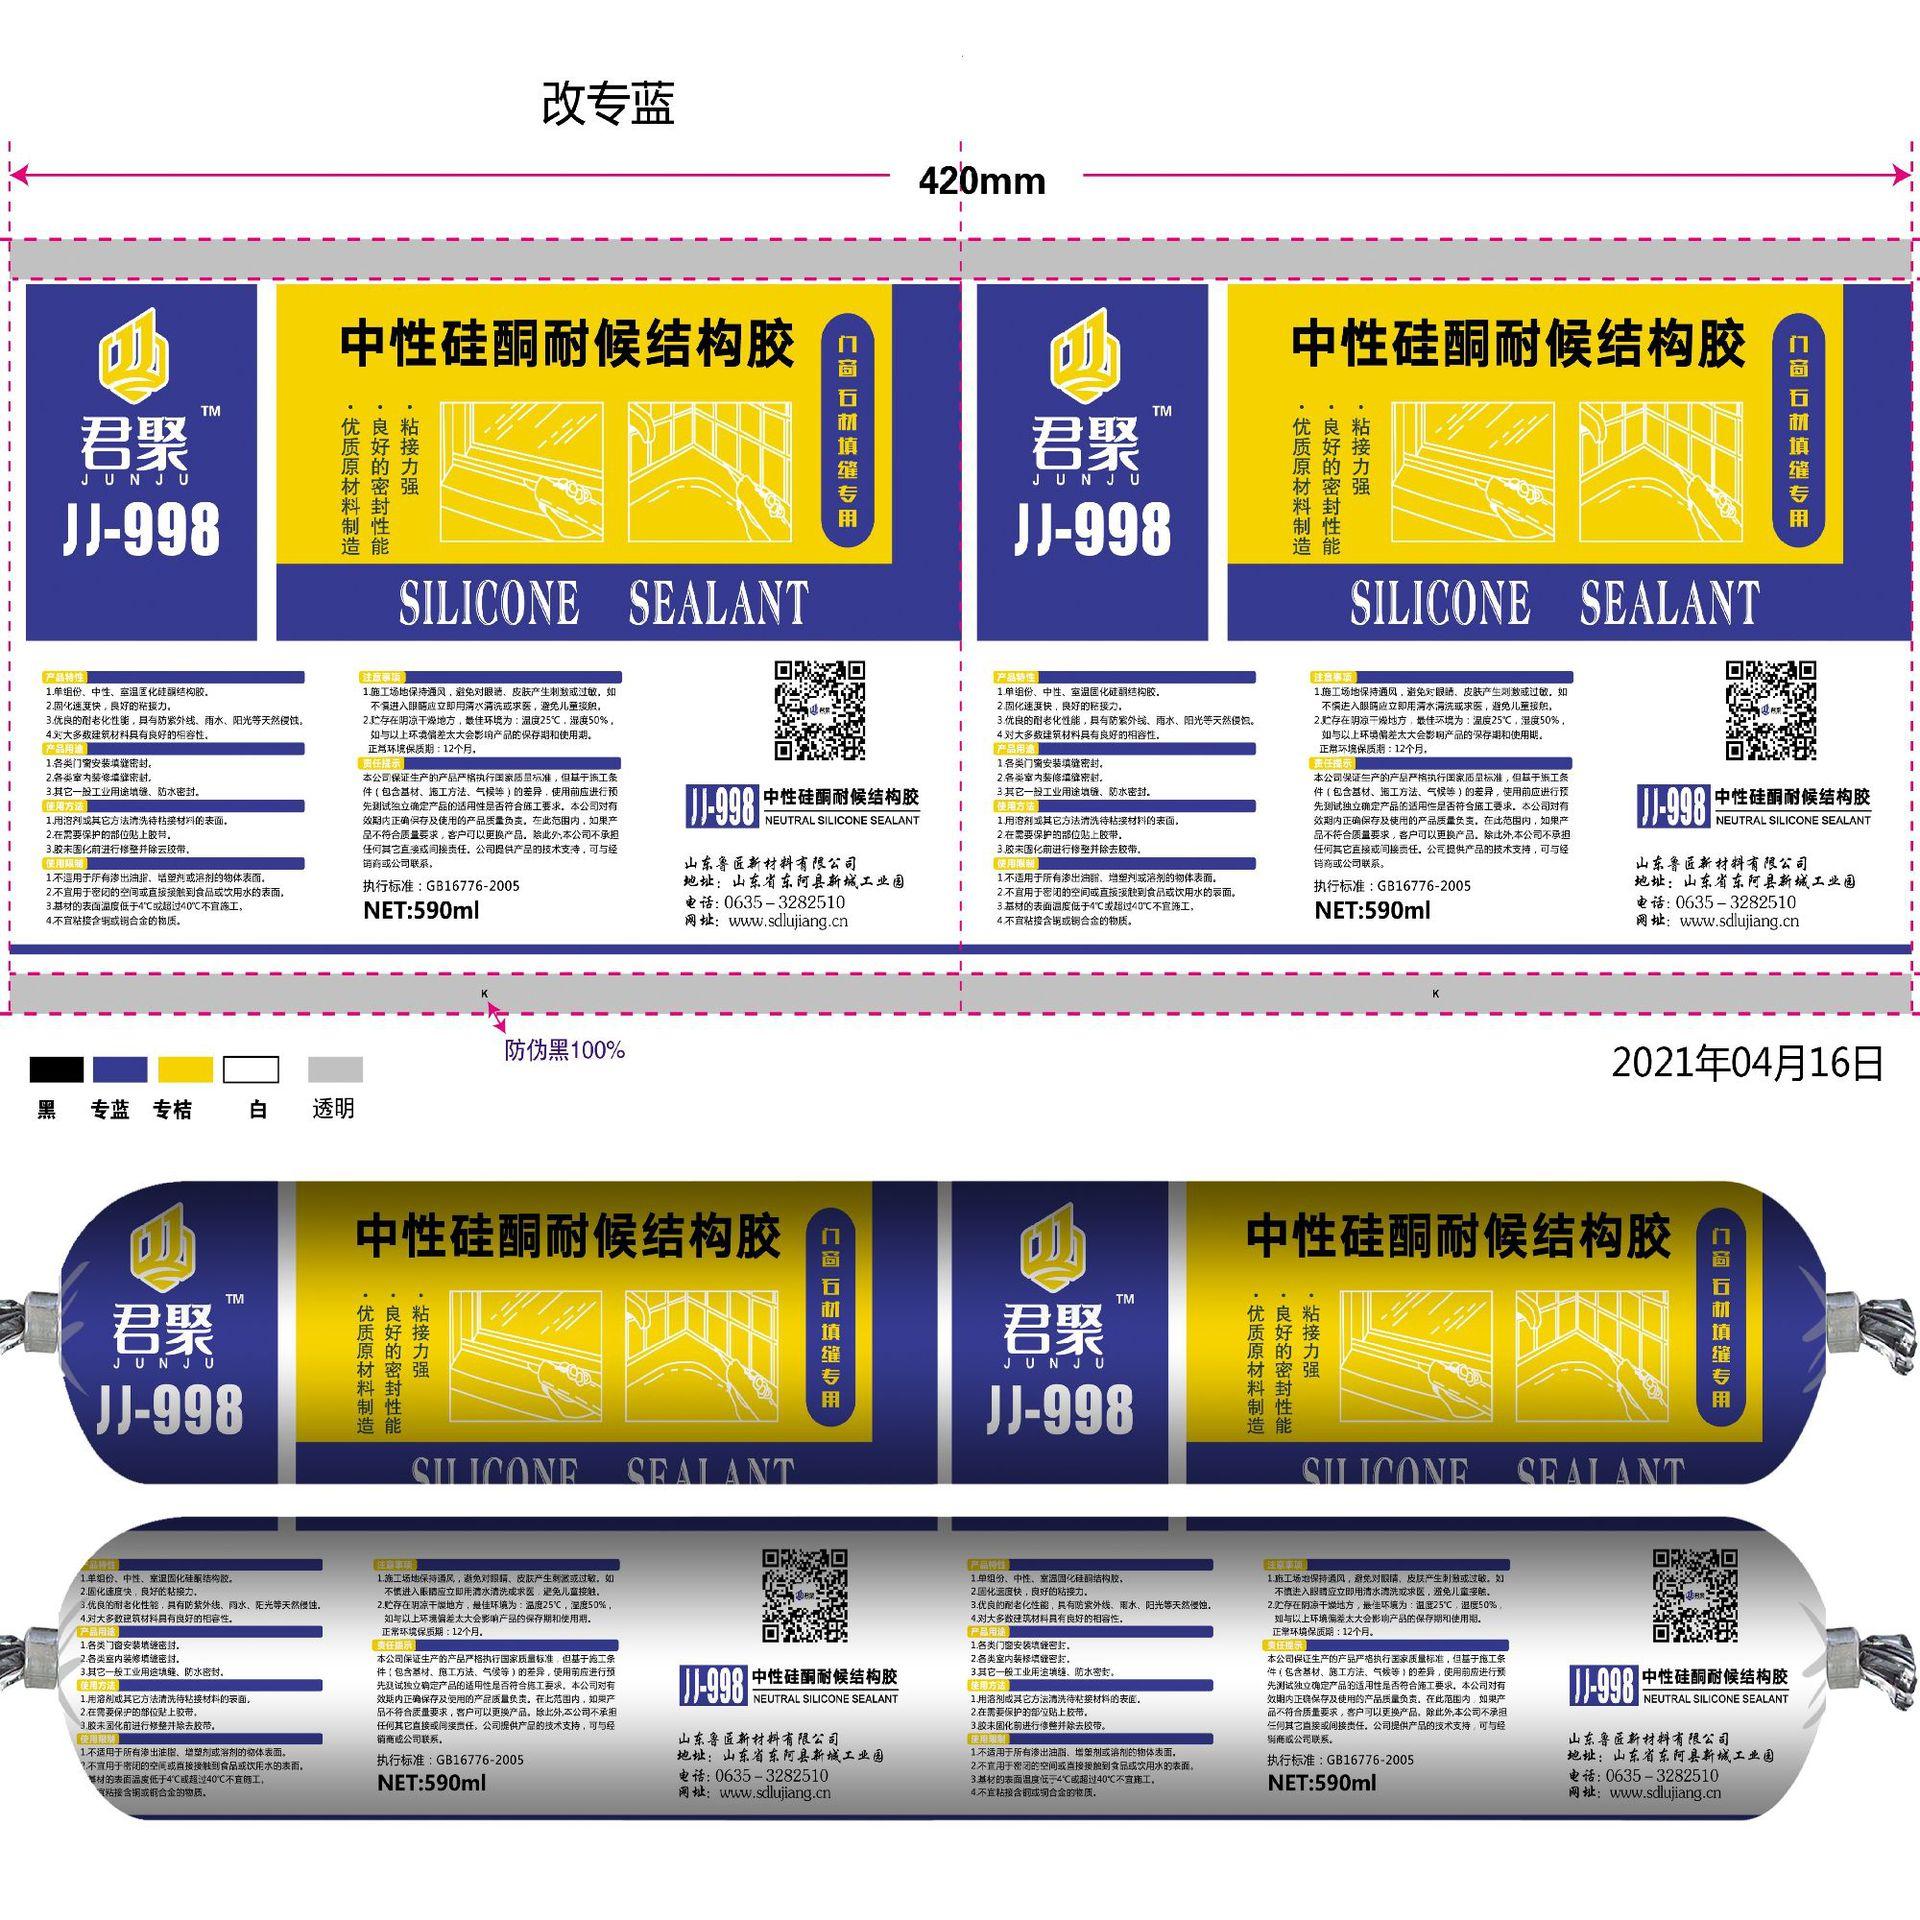 中性硅酮耐候结构胶 君聚 JJ-998 门窗 建材 玻璃胶 硅酮胶